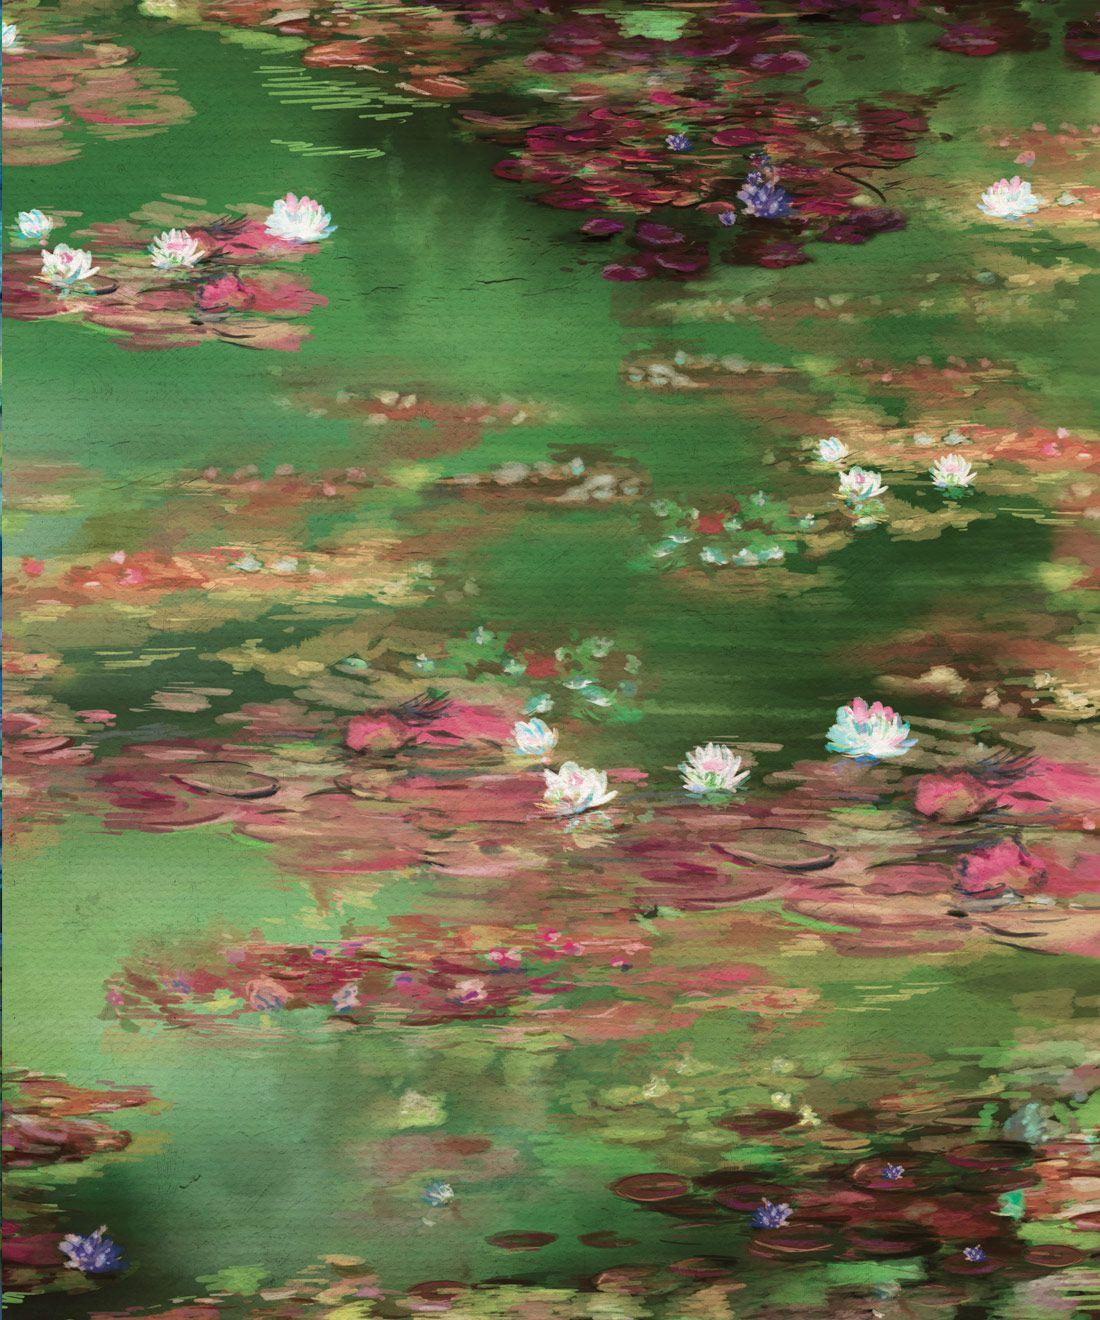 Water Lillies Wallpaper •Abstract Wallpaper • Dreamy Wallpaper • Green Fairy Wallpaper •Swatch